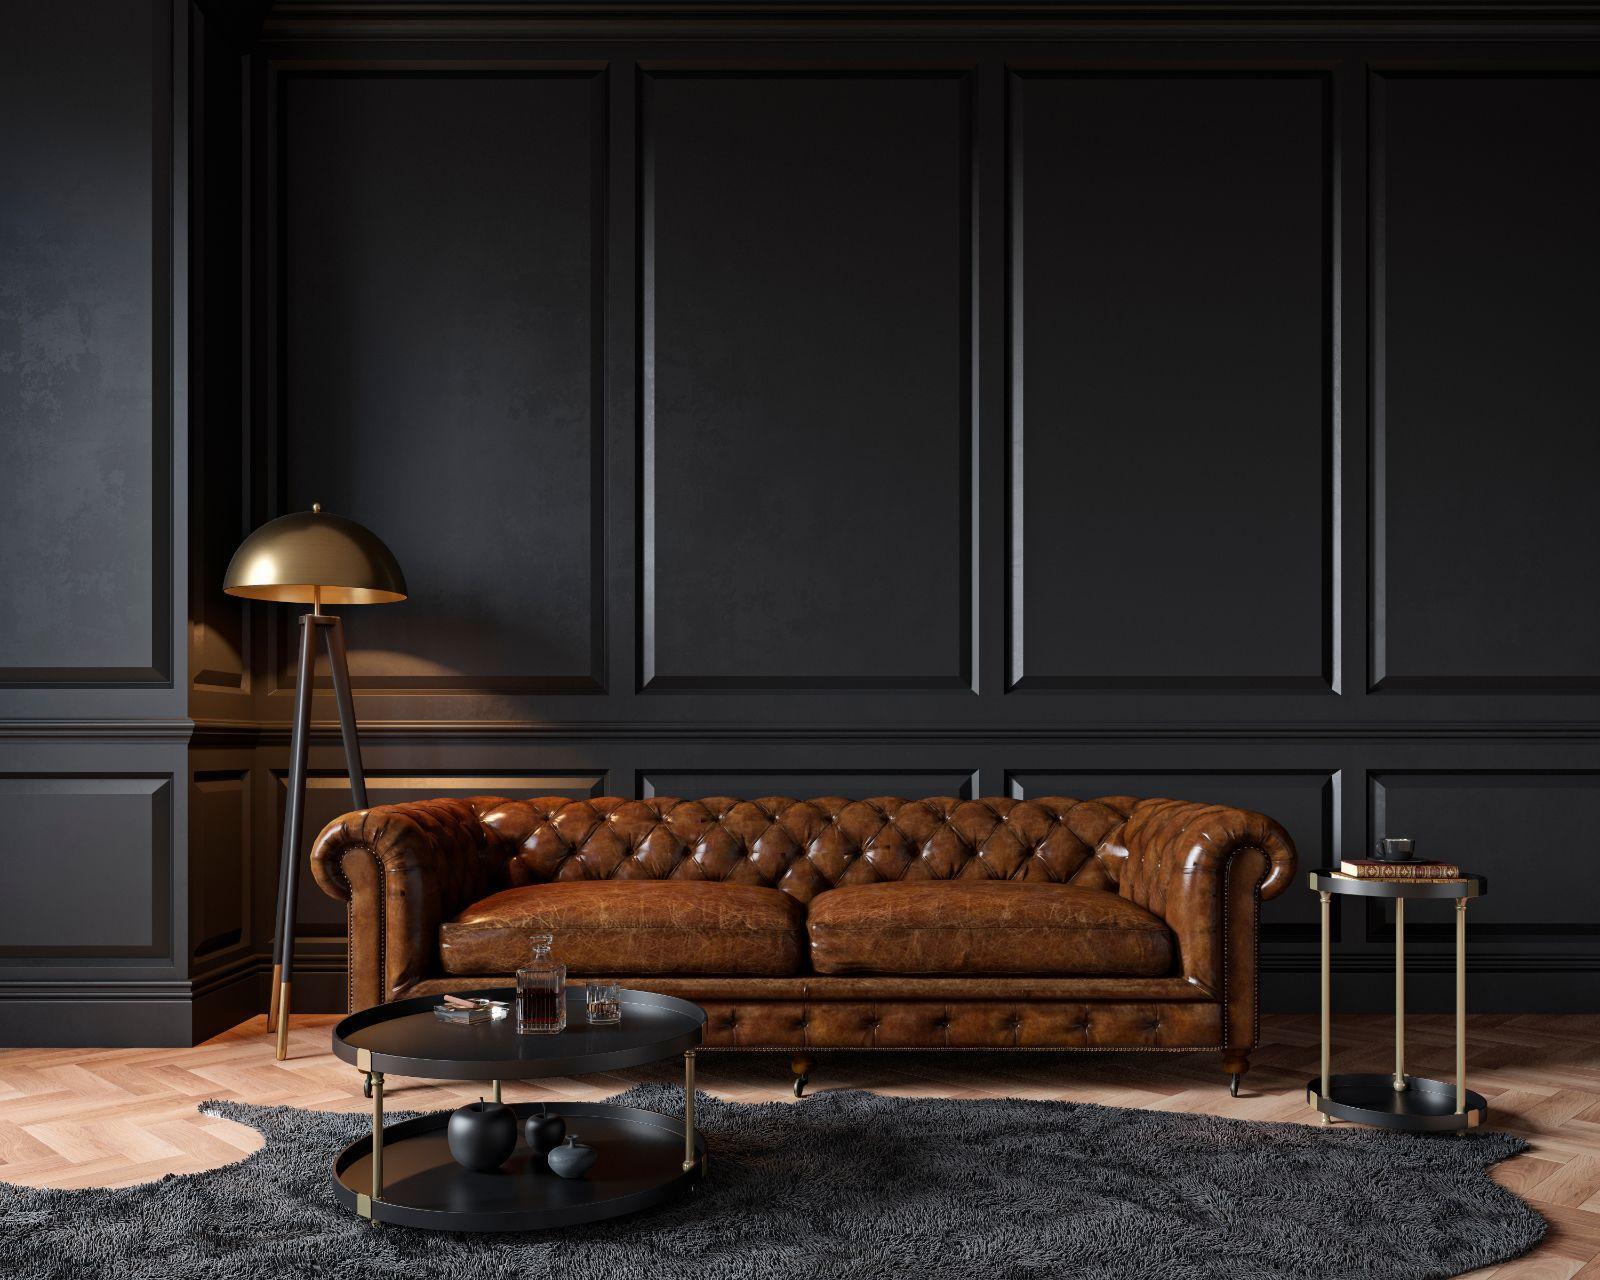 The Best Interior Luxury Designs